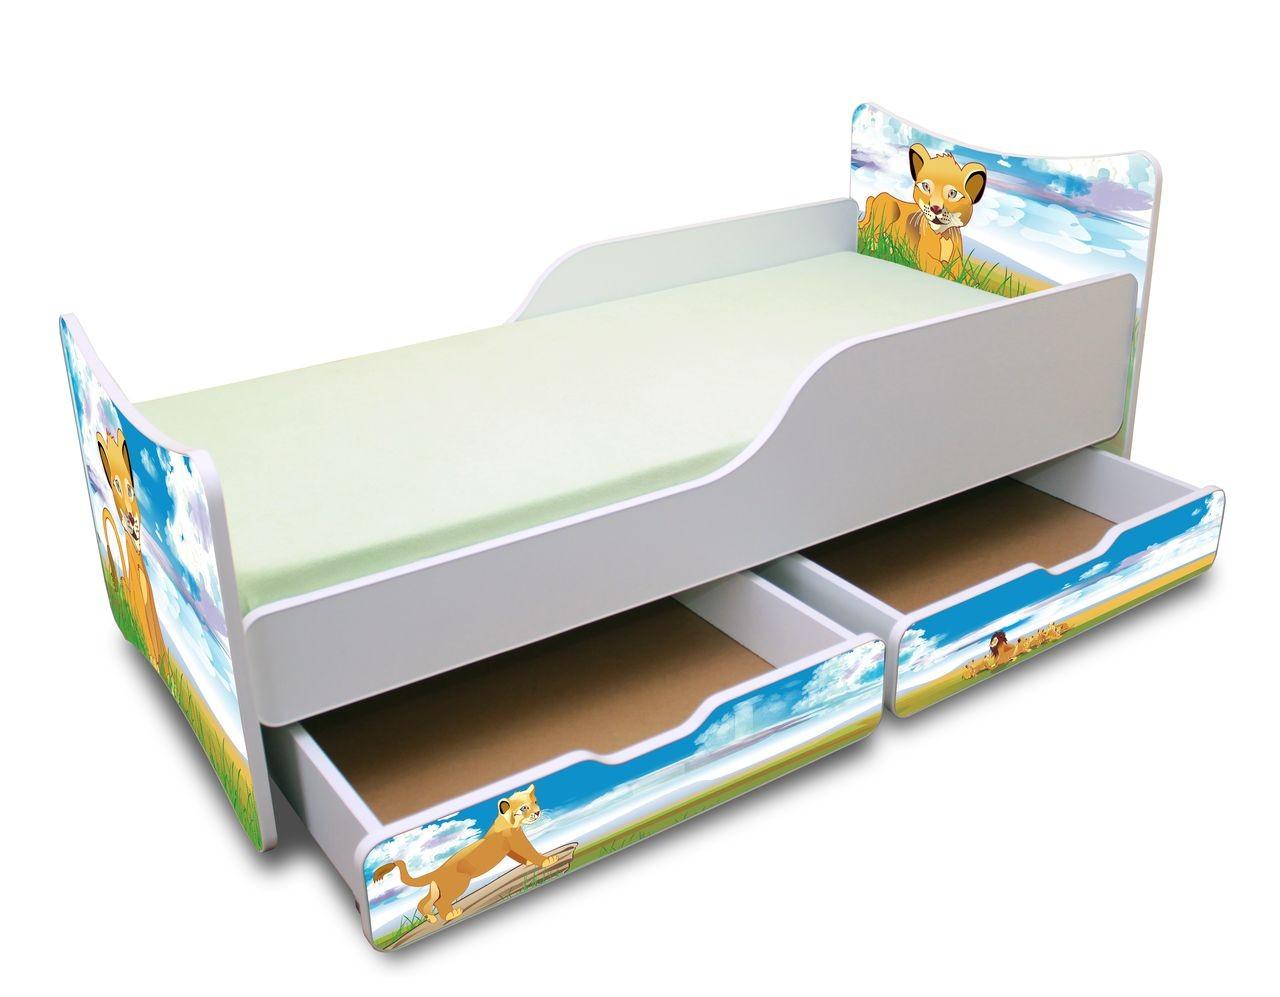 d tsk postel baby 180 x 80 cm s lo n m prostorem fh n bytek. Black Bedroom Furniture Sets. Home Design Ideas